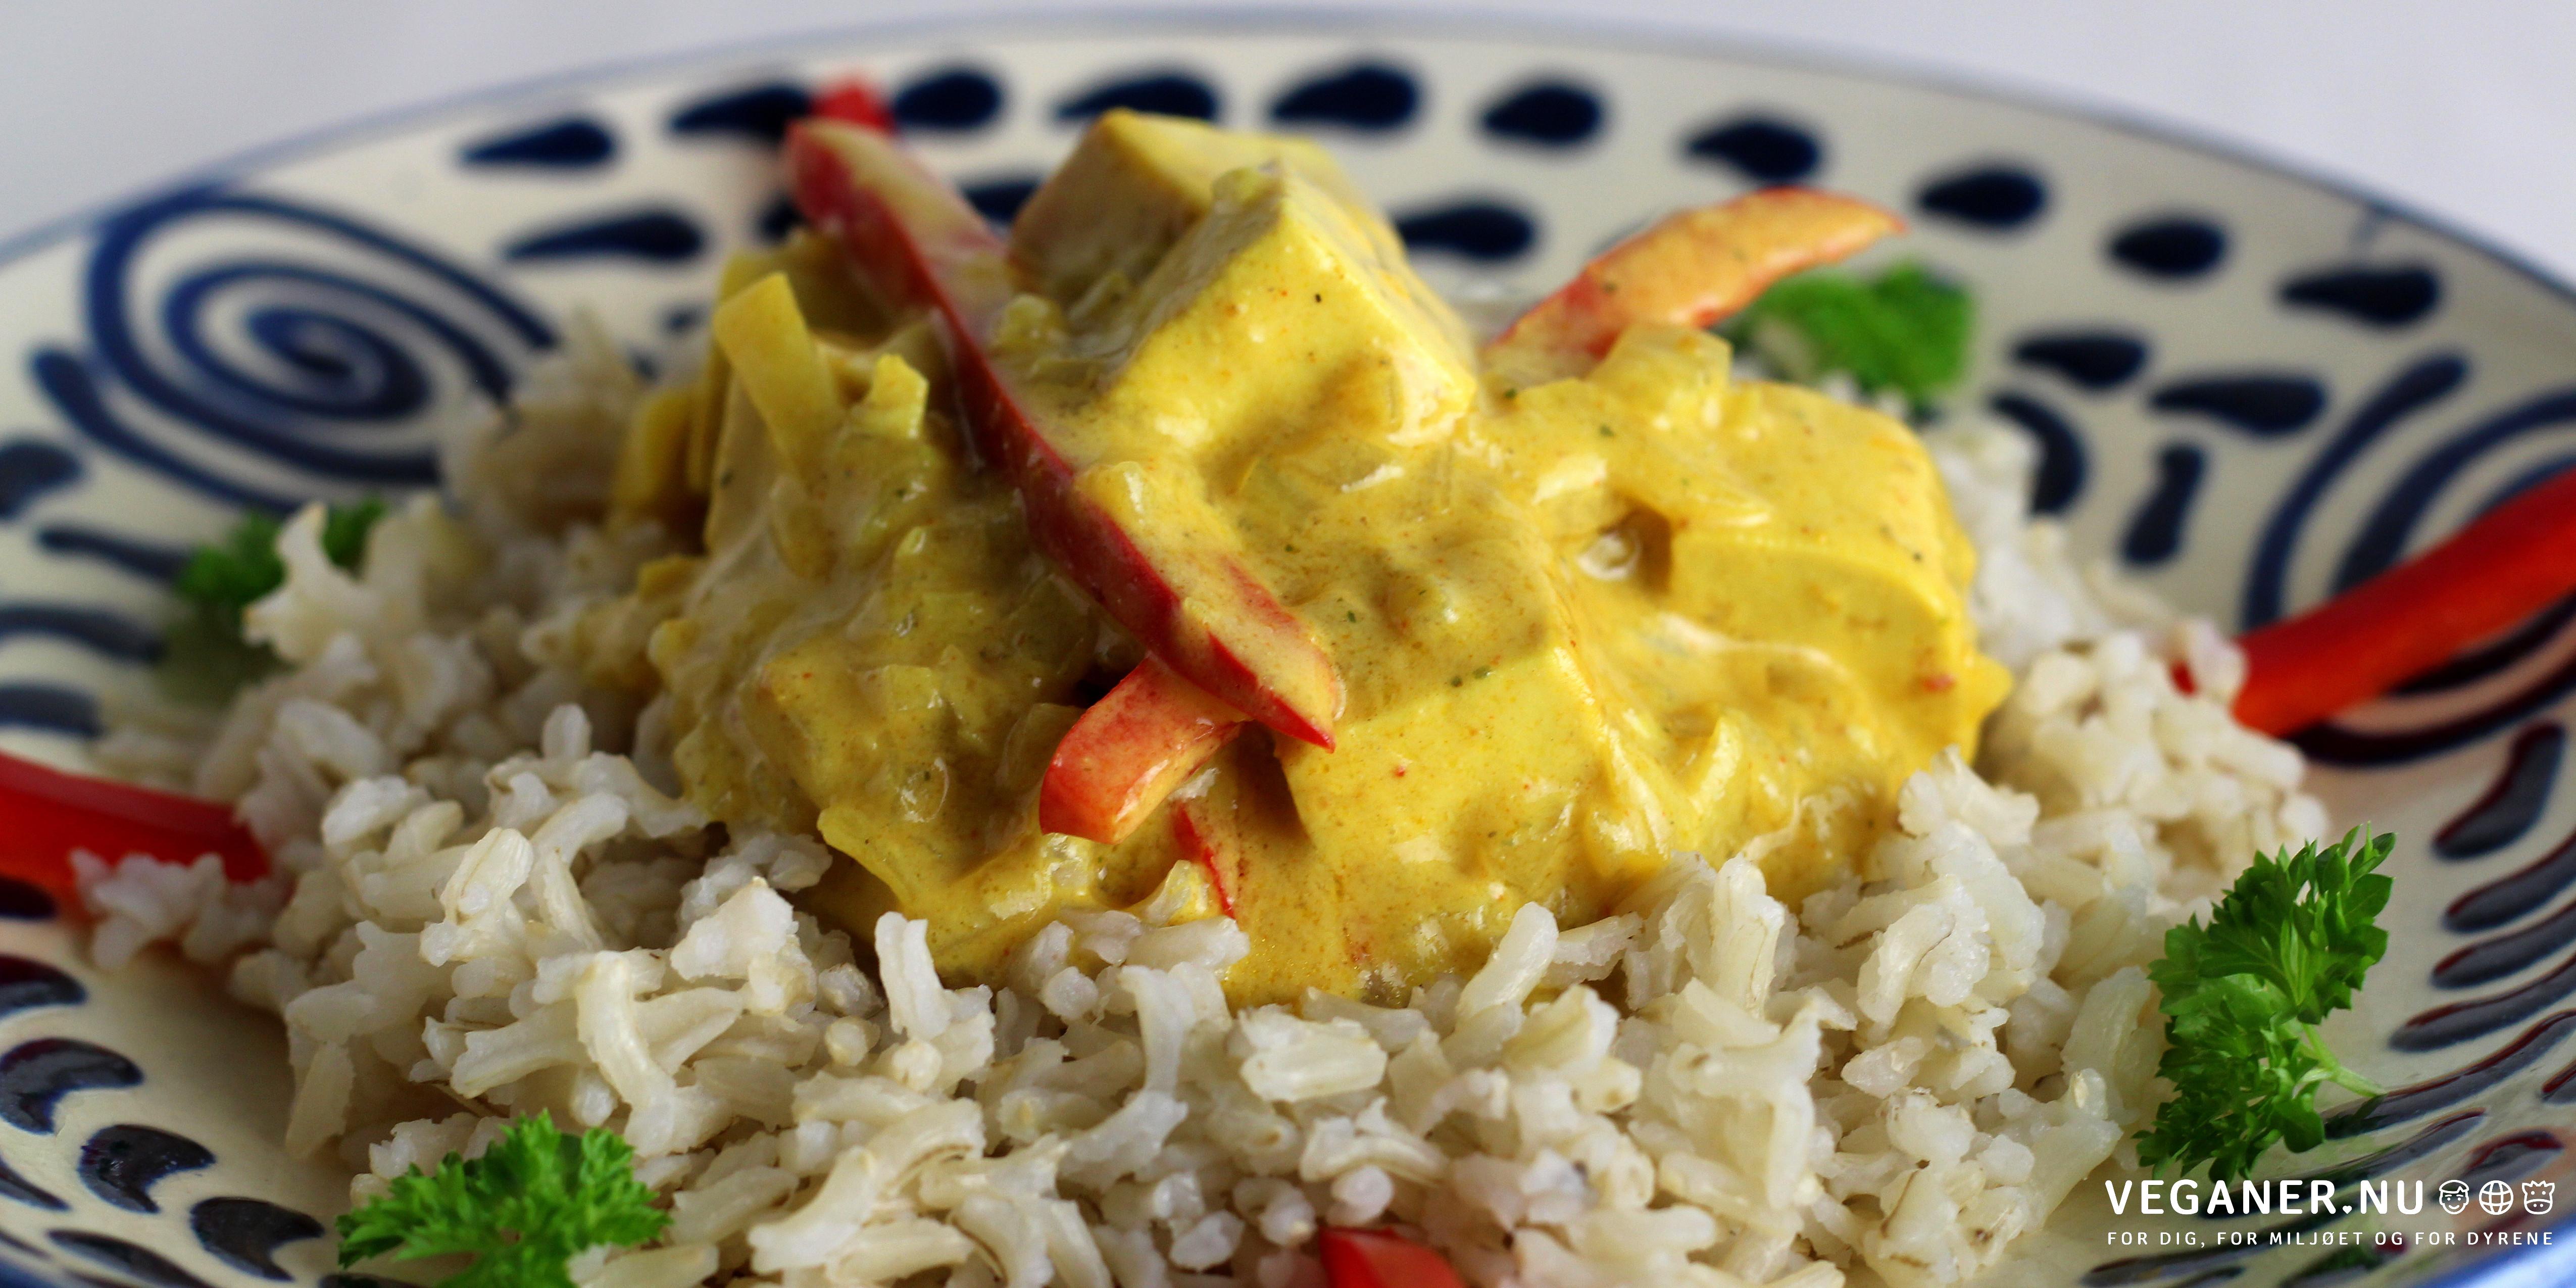 Tofu i karry